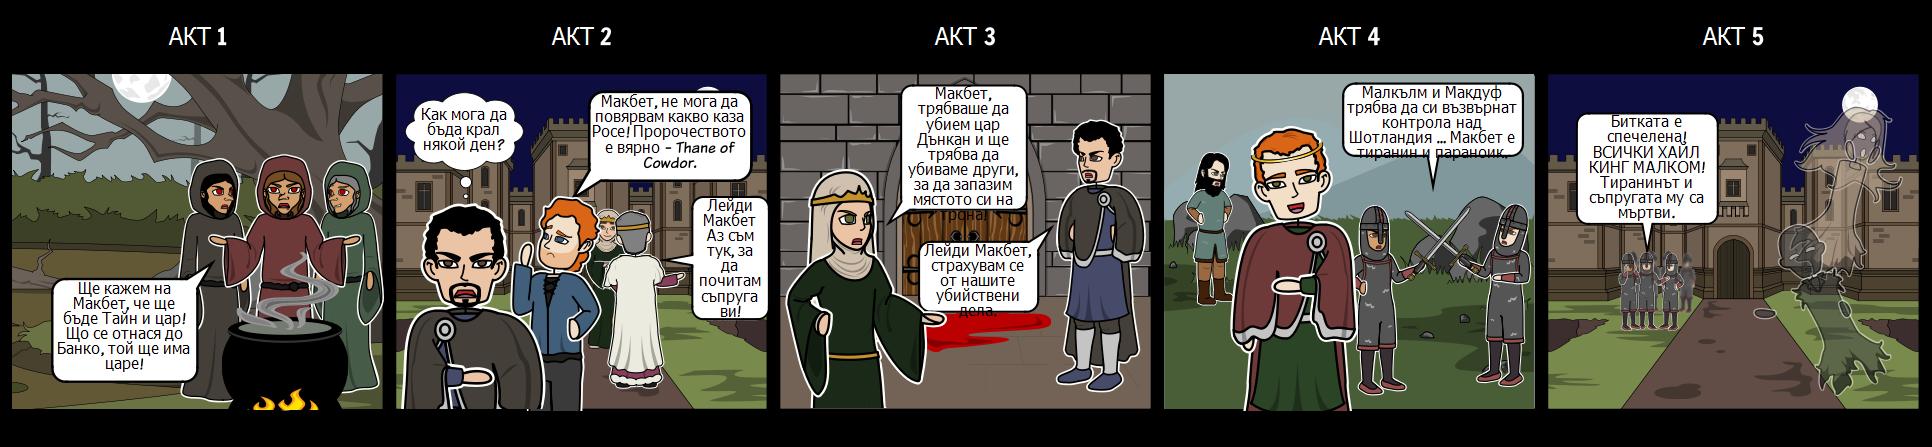 Macbeth 5 Структура Структура на Действие